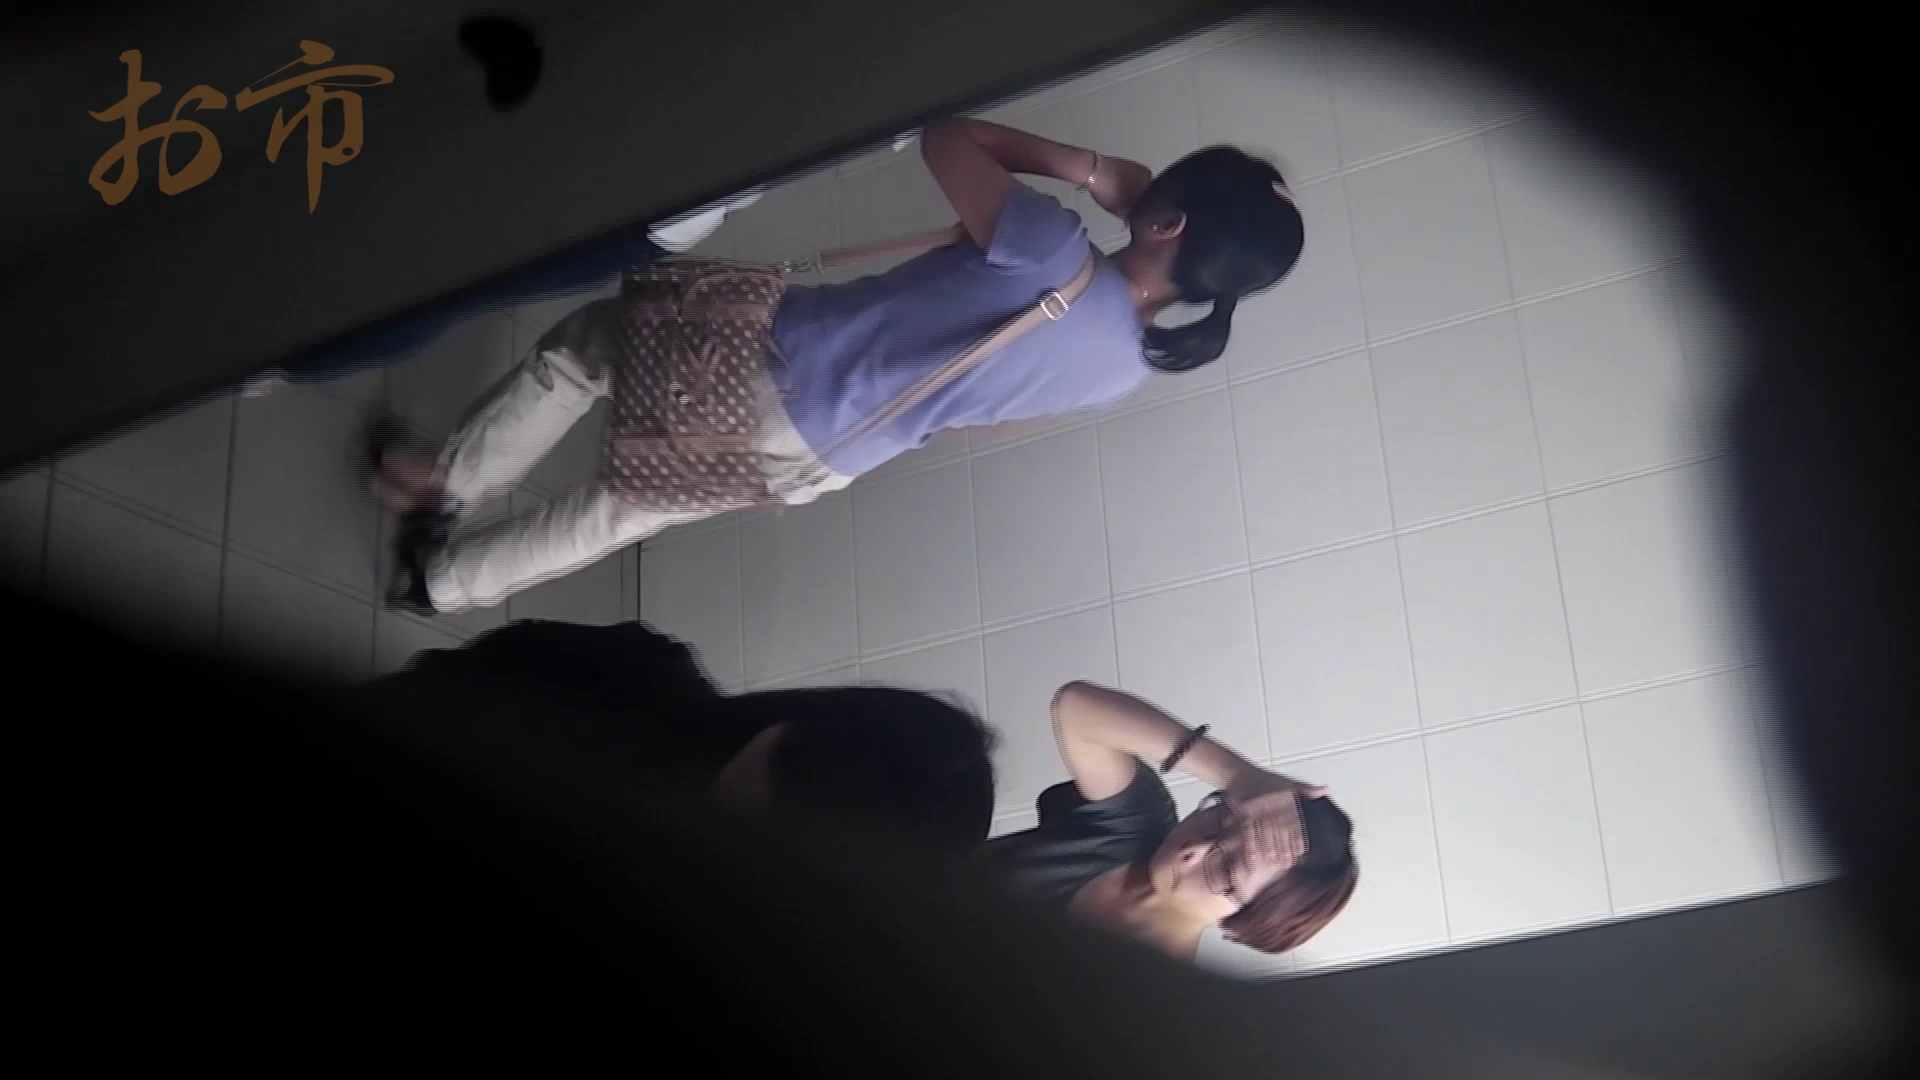 潜入!!台湾名門女学院 Vol.13 シリーズ一番の美人ではないでしょうか? 美人 セックス無修正動画無料 89pic 24